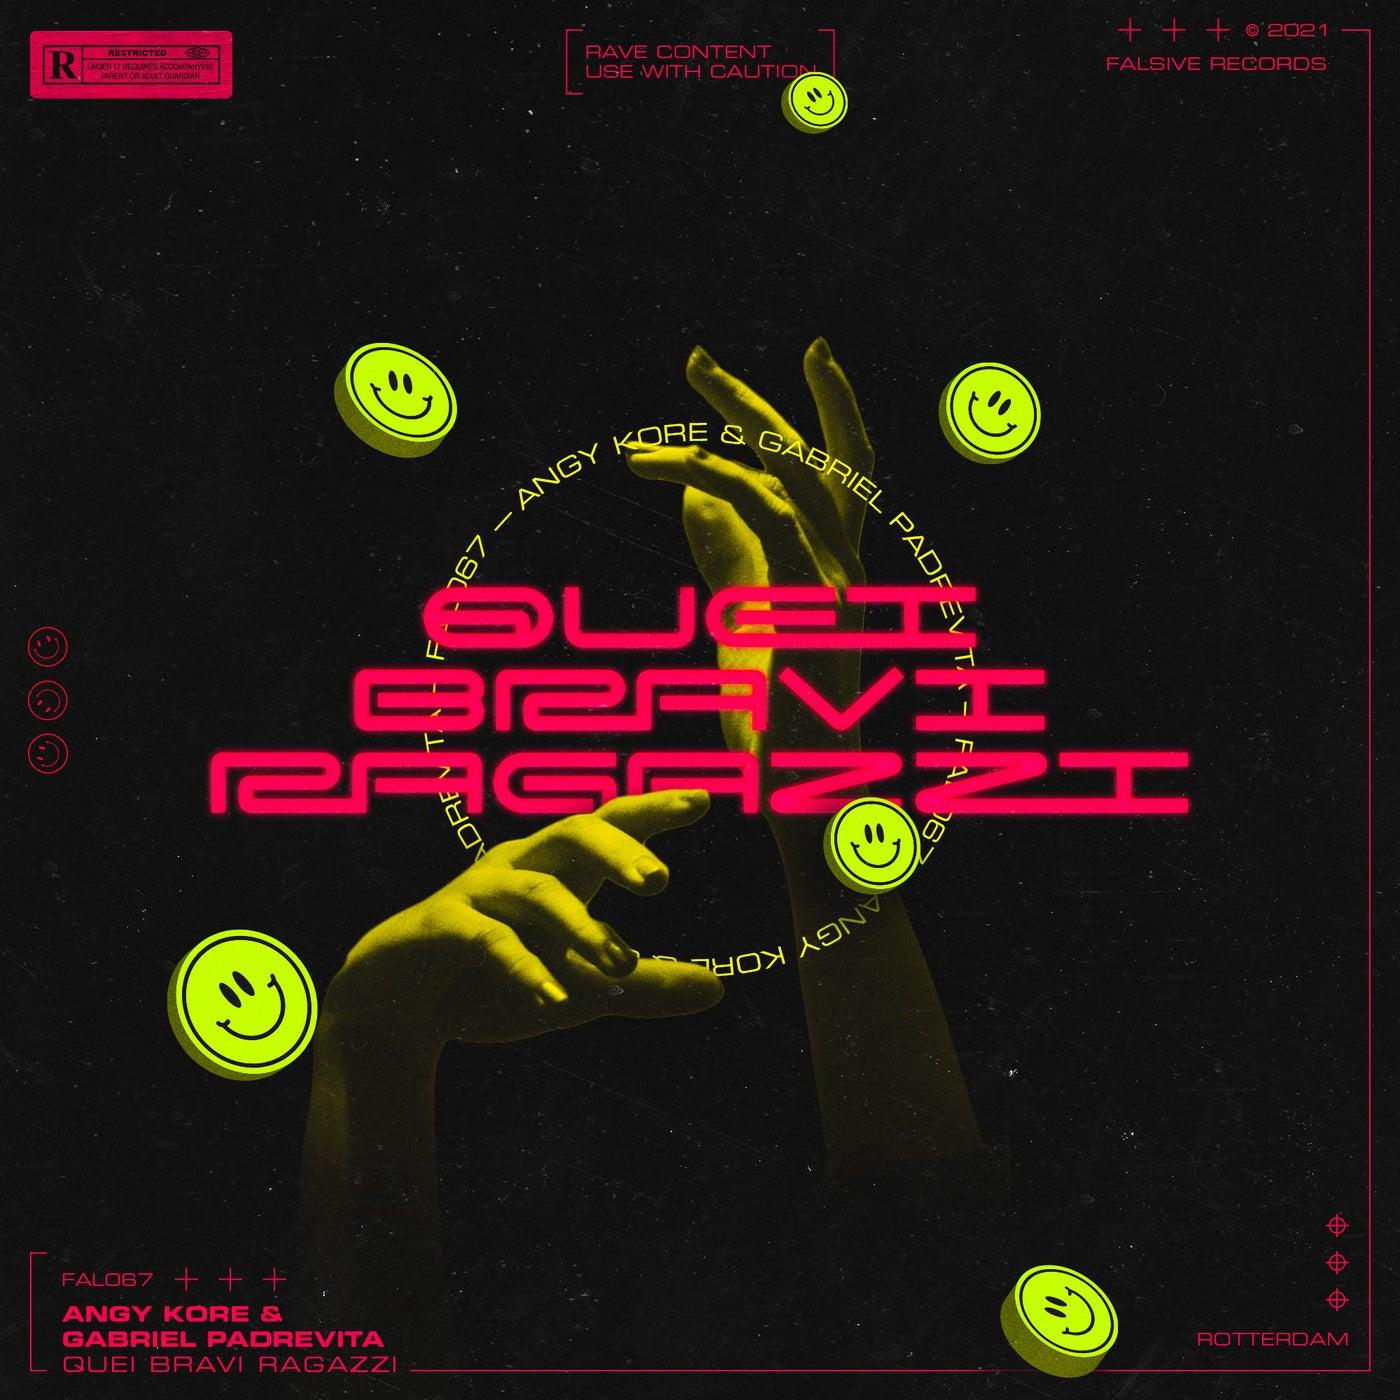 Quei Bravi Ragazzi (Original Mix)